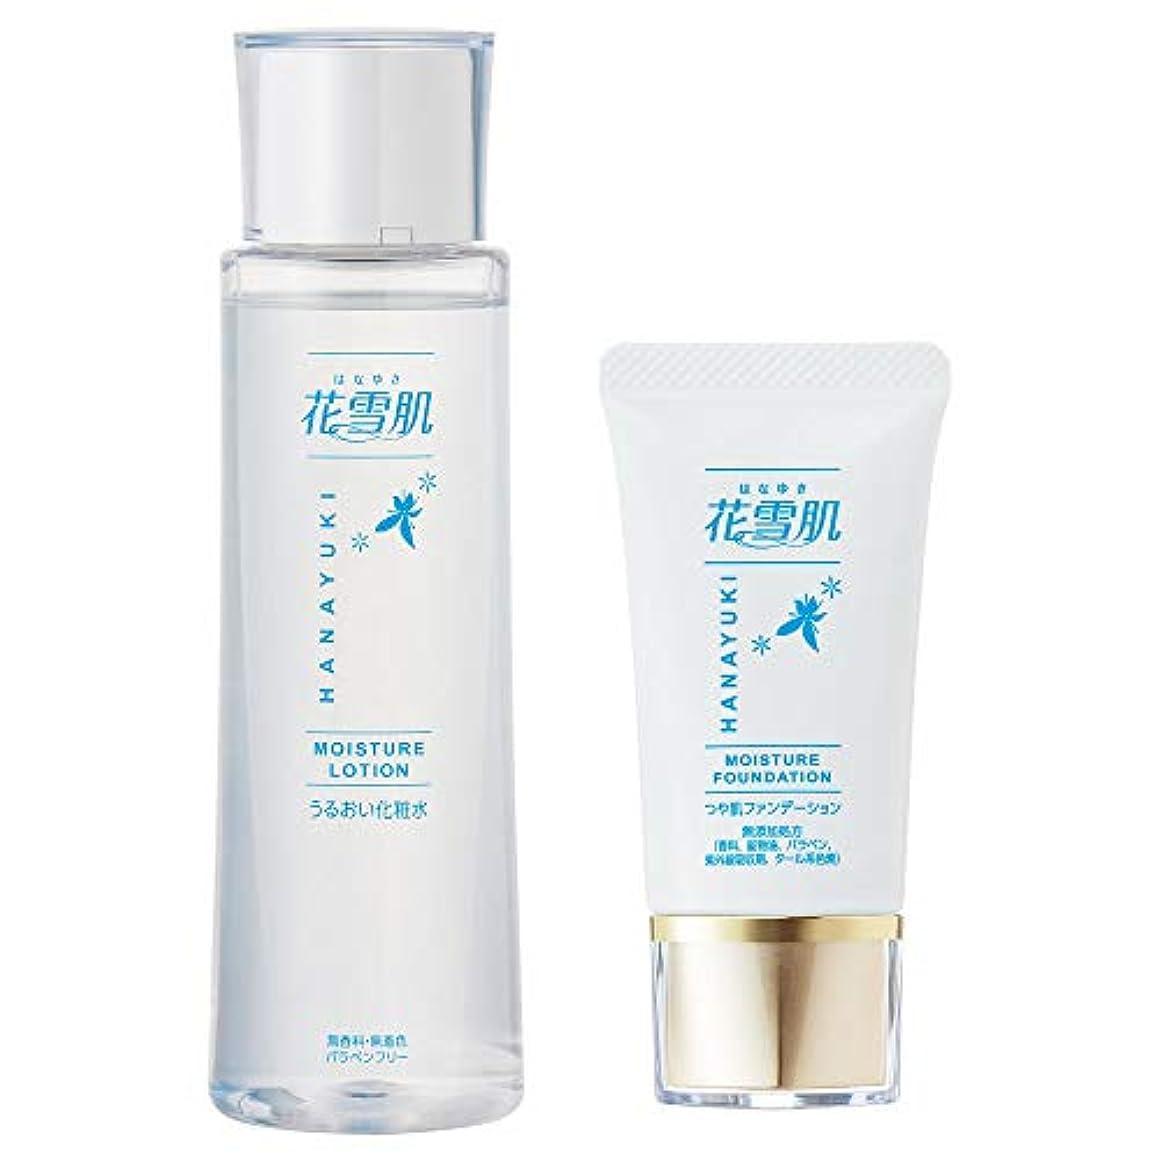 休憩ウェーハブロー花雪肌 [うるおい化粧水 200ml + つや肌ファンデーション 25gセット] 10種類の美容液成分を配合 オールインワン ヒアルロン酸 コラーゲン